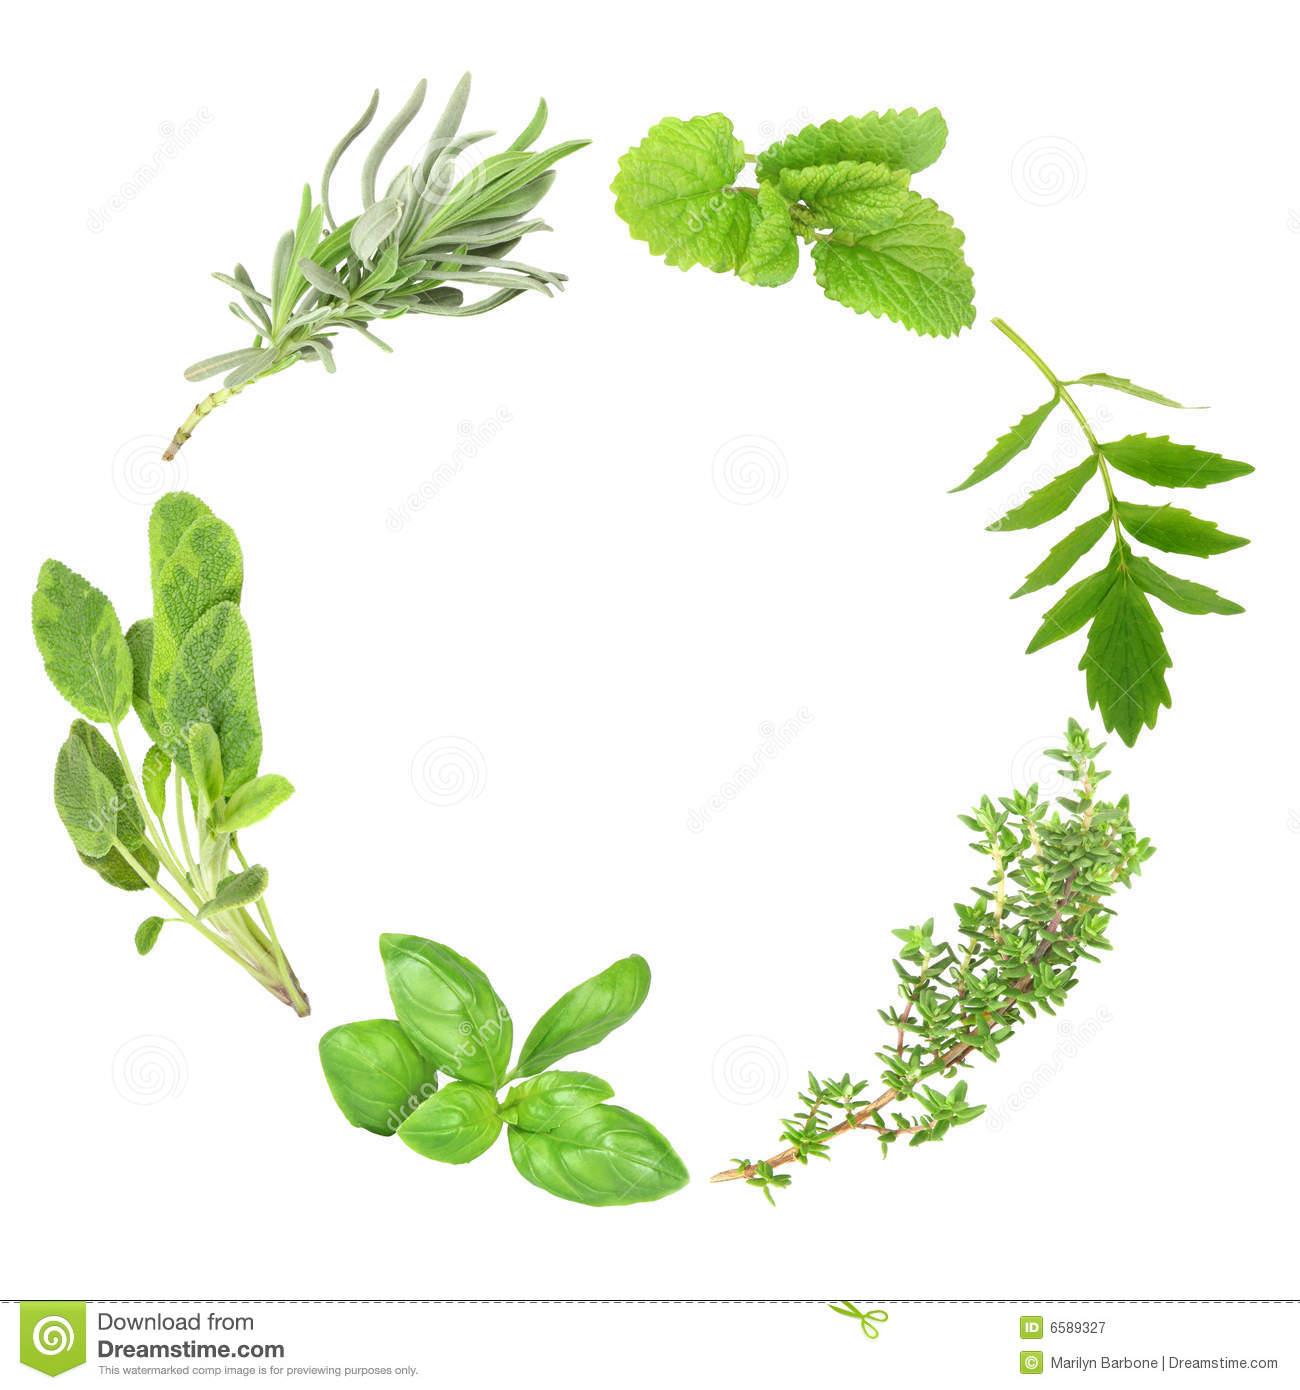 Herb Leaf Garland Of Basil Variegated Sage Lavender Lemon Balm.